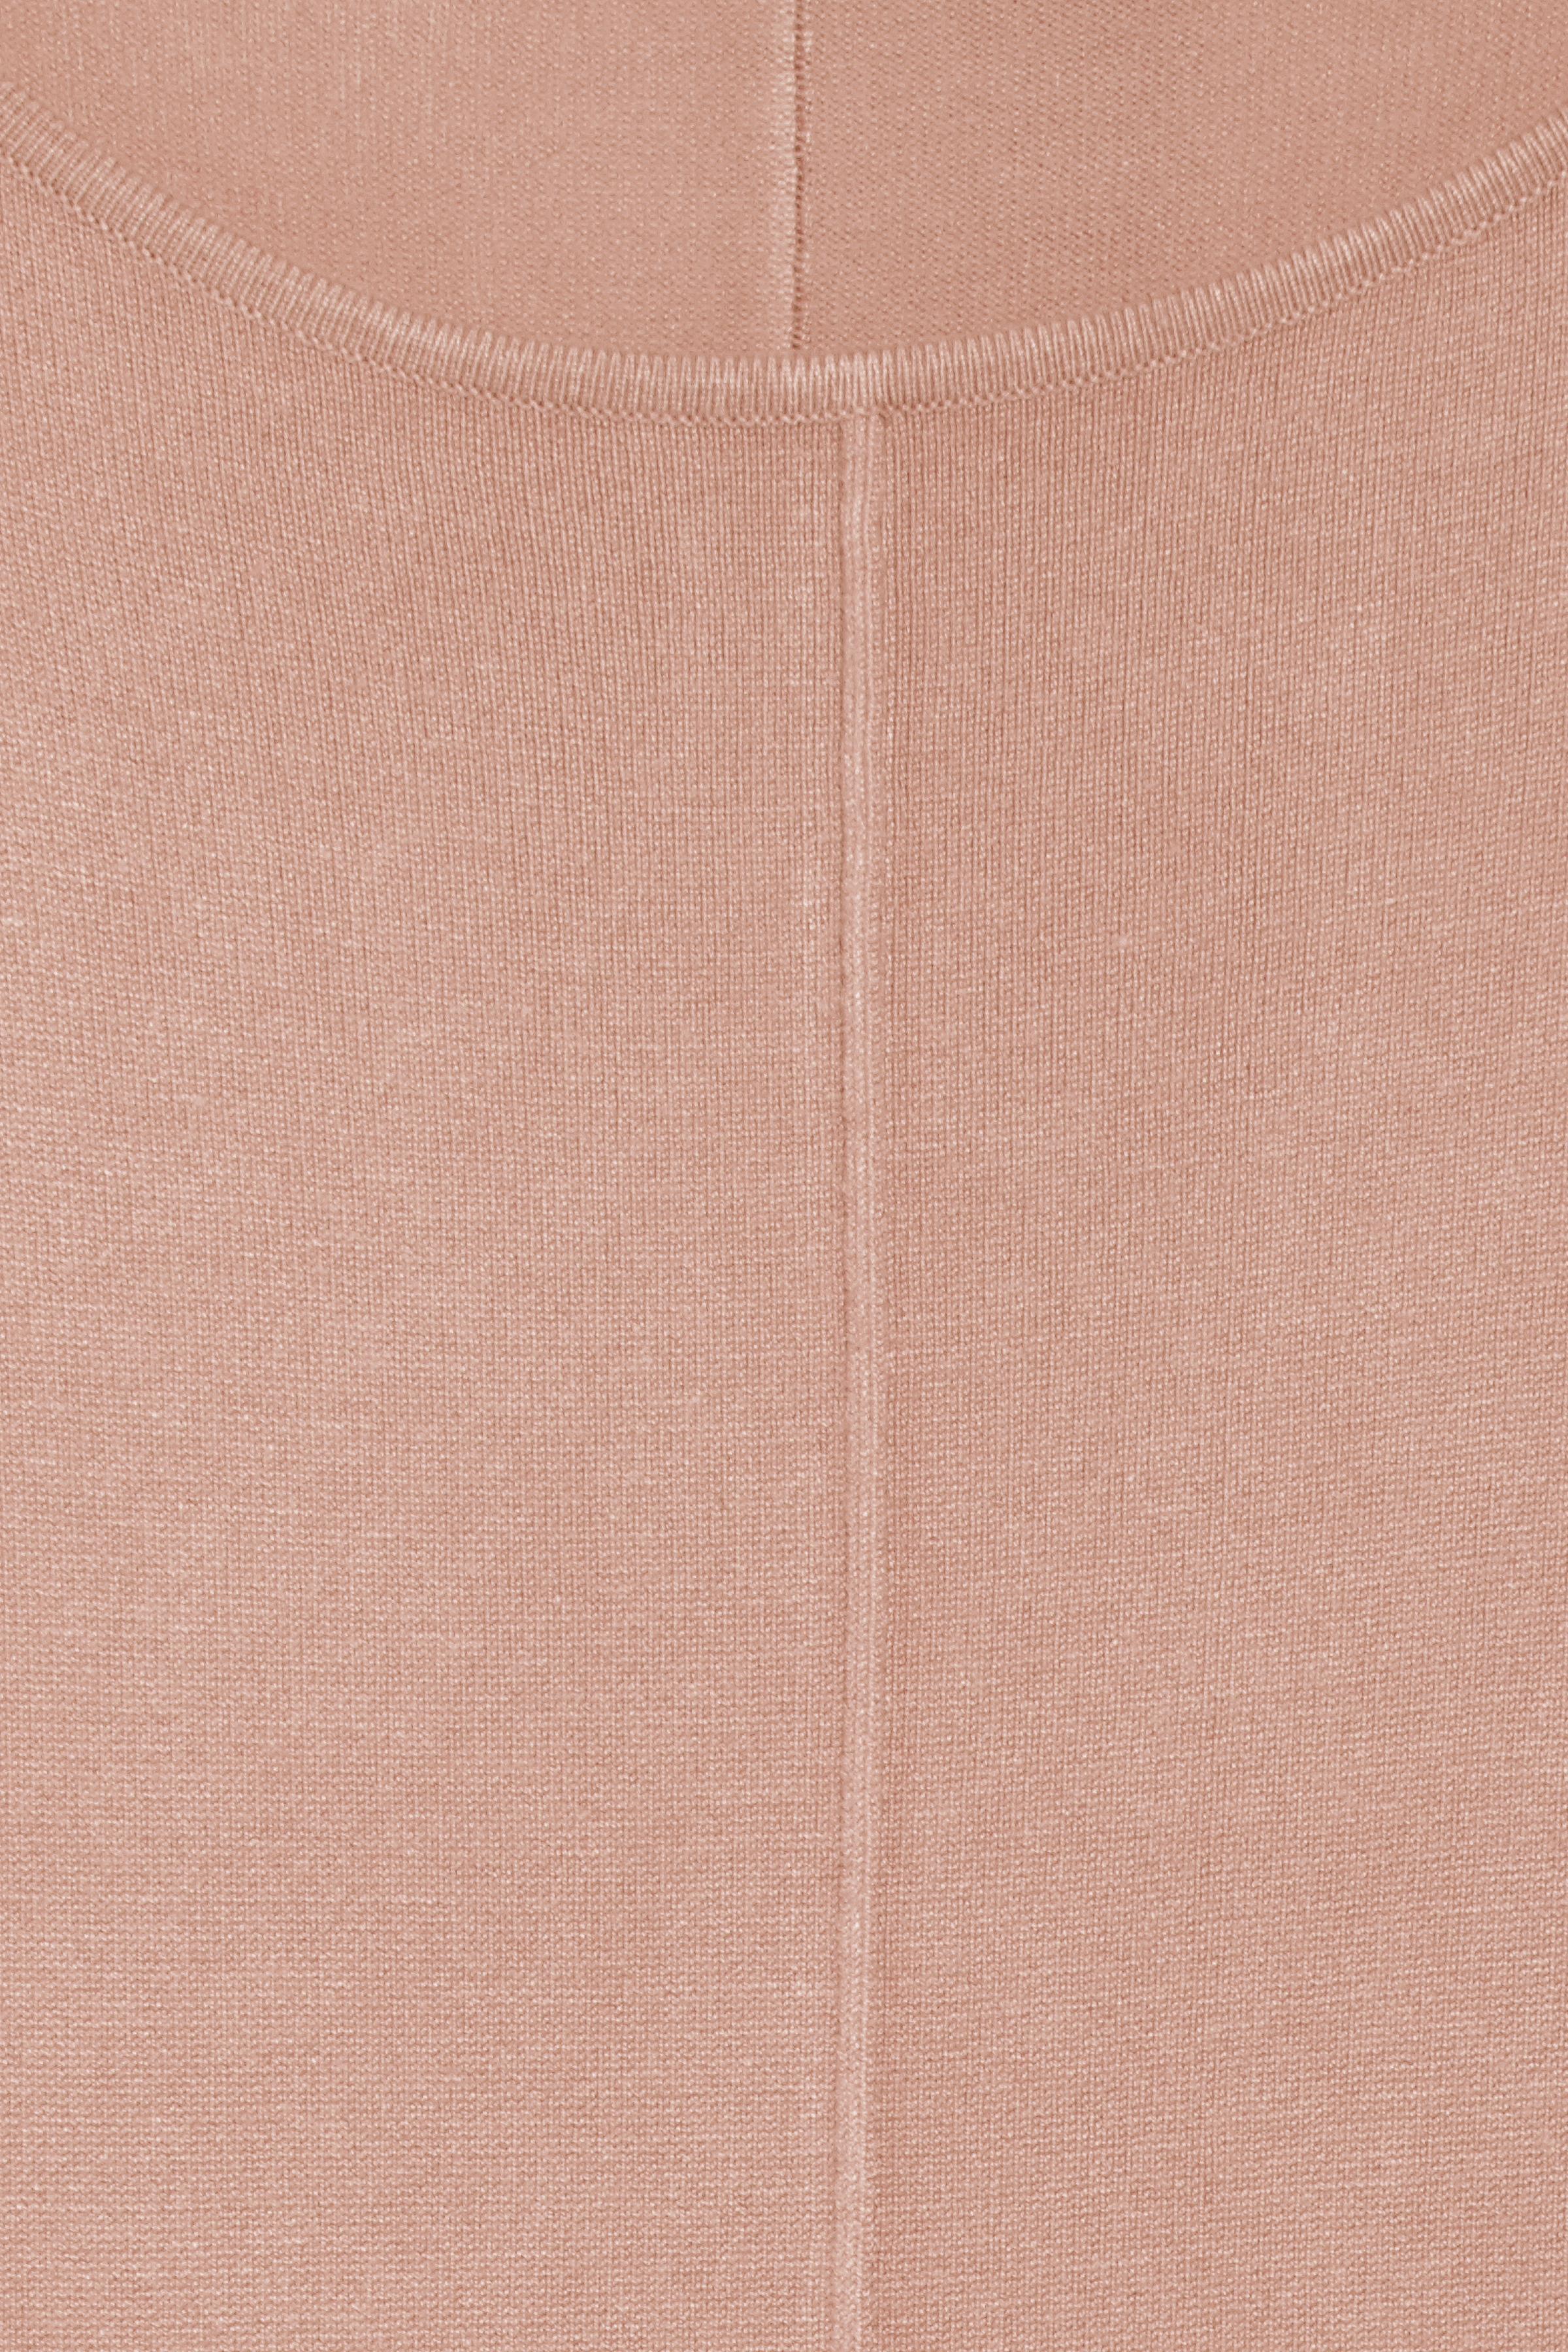 MEL. Rose Cloud Strikpullover fra b.young – Køb MEL. Rose Cloud Strikpullover fra str. XS-XXL her